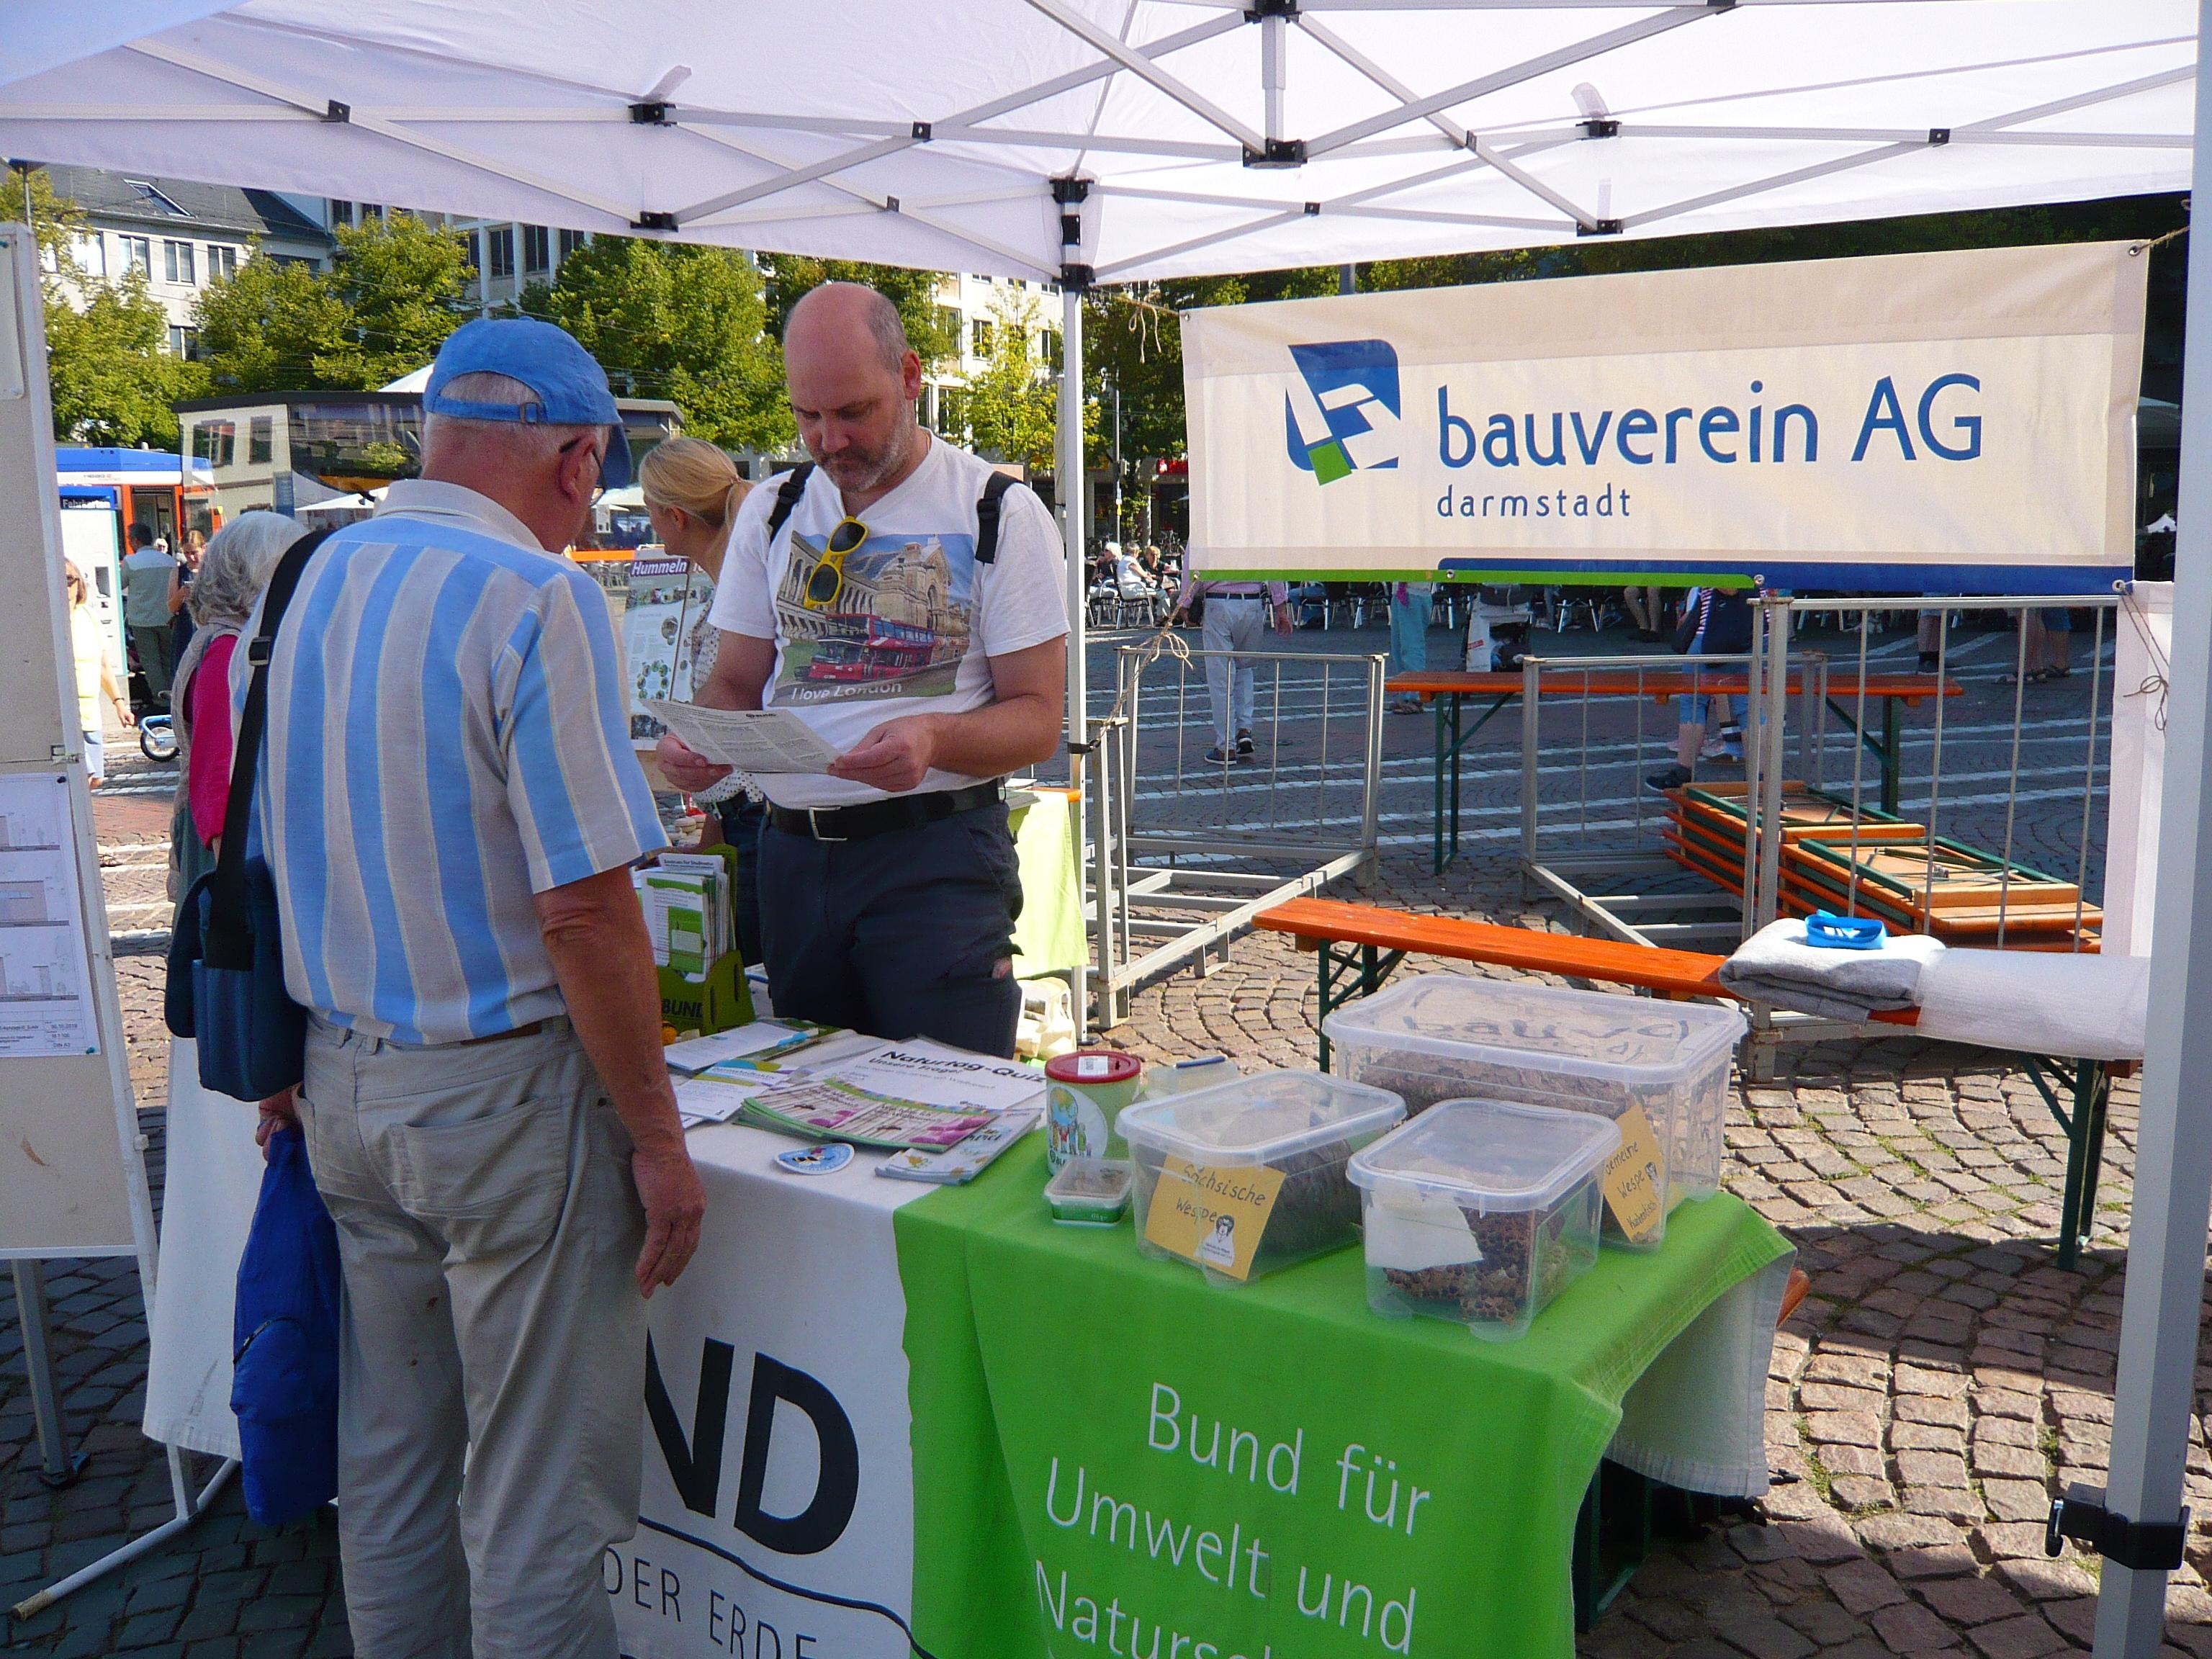 Umweltbörse auf dem Luisenplatz: Gemeinsamer Infostand mit Bauverein und BUND zum Postsiedlungs-Biotop